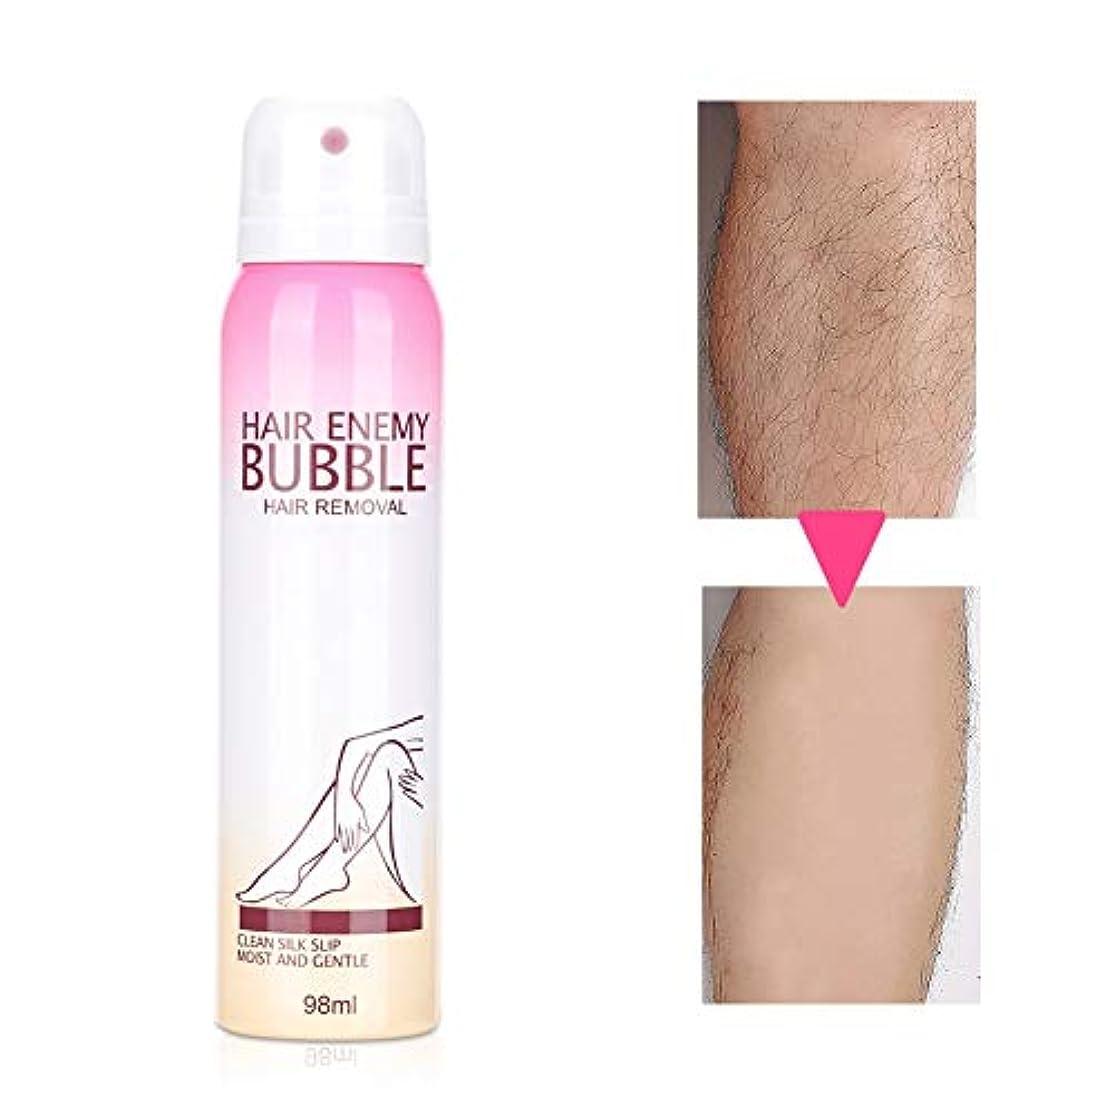 放射能高架基礎98ミリリットル痛みのないバブル脱毛クリーム女性のための長続きがするリムーバースプレー脱毛クリーム